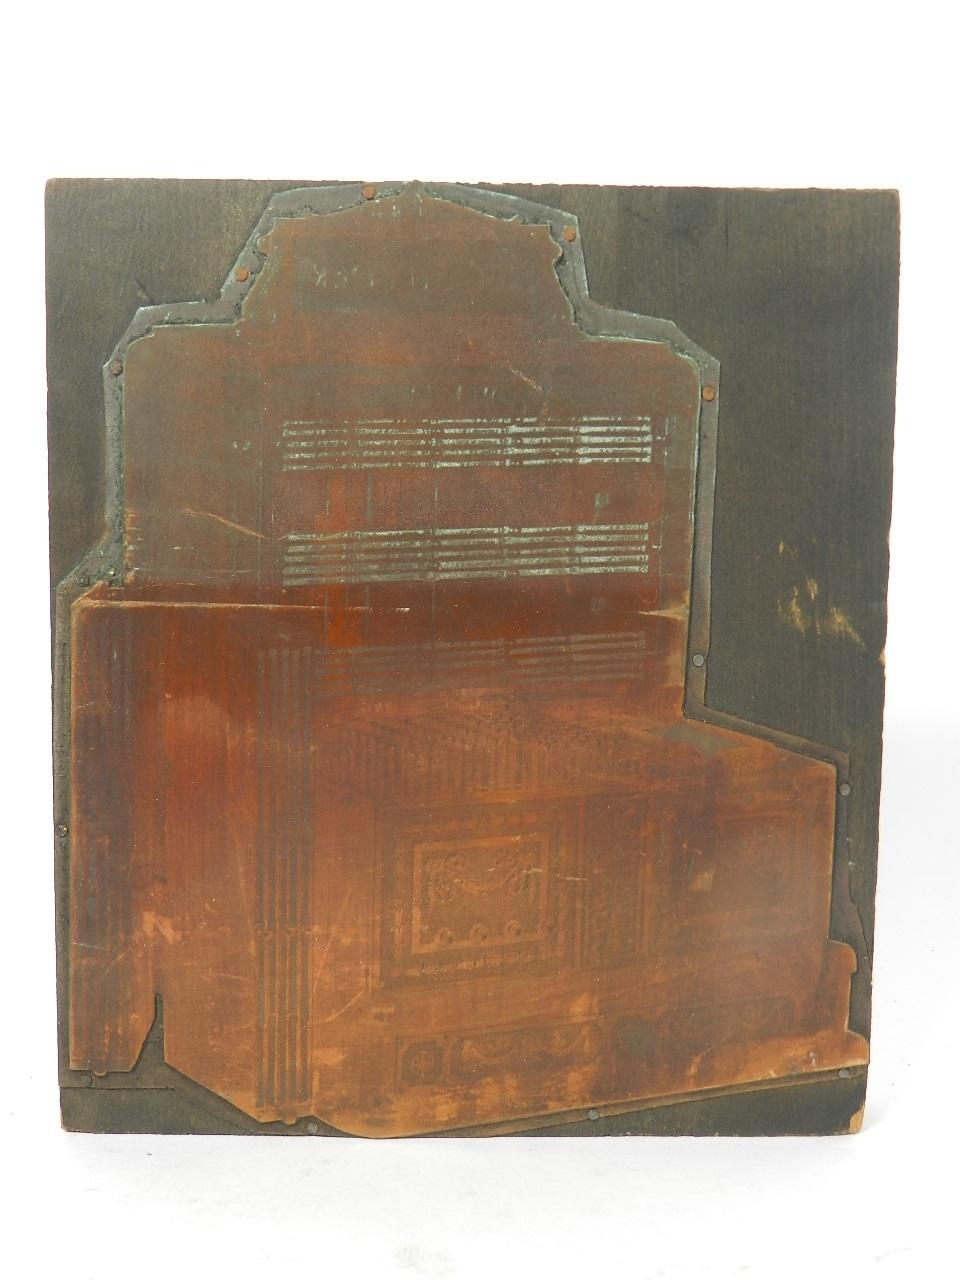 Imagen PLANCHA IMPRENTA REGISTRADORA AÑO 1920 38793